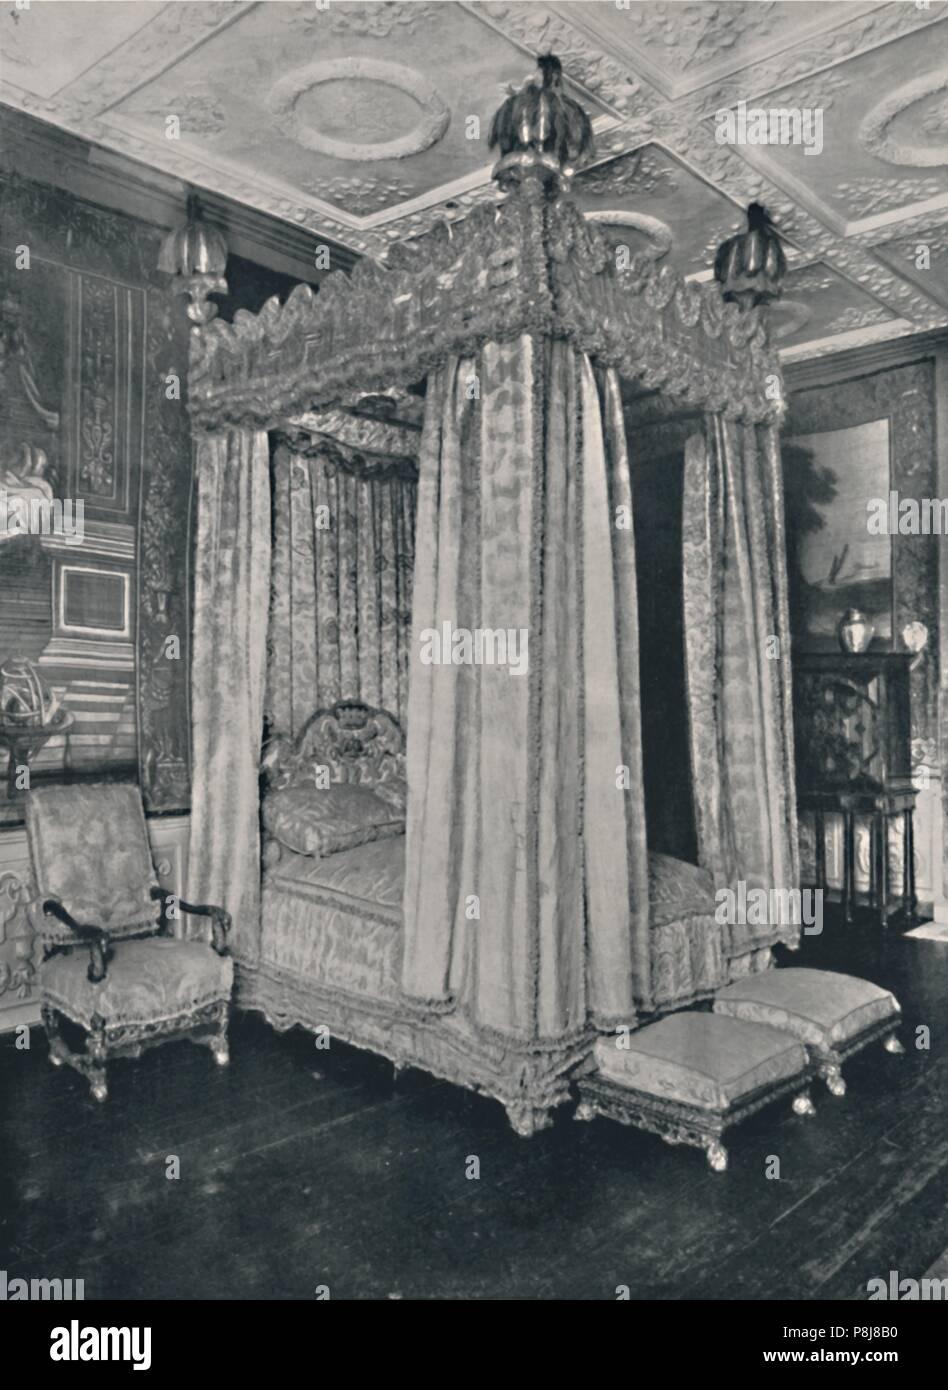 Schlafzimmer Des Königs An Knole. Mit Bettgestell Für James I Und ...